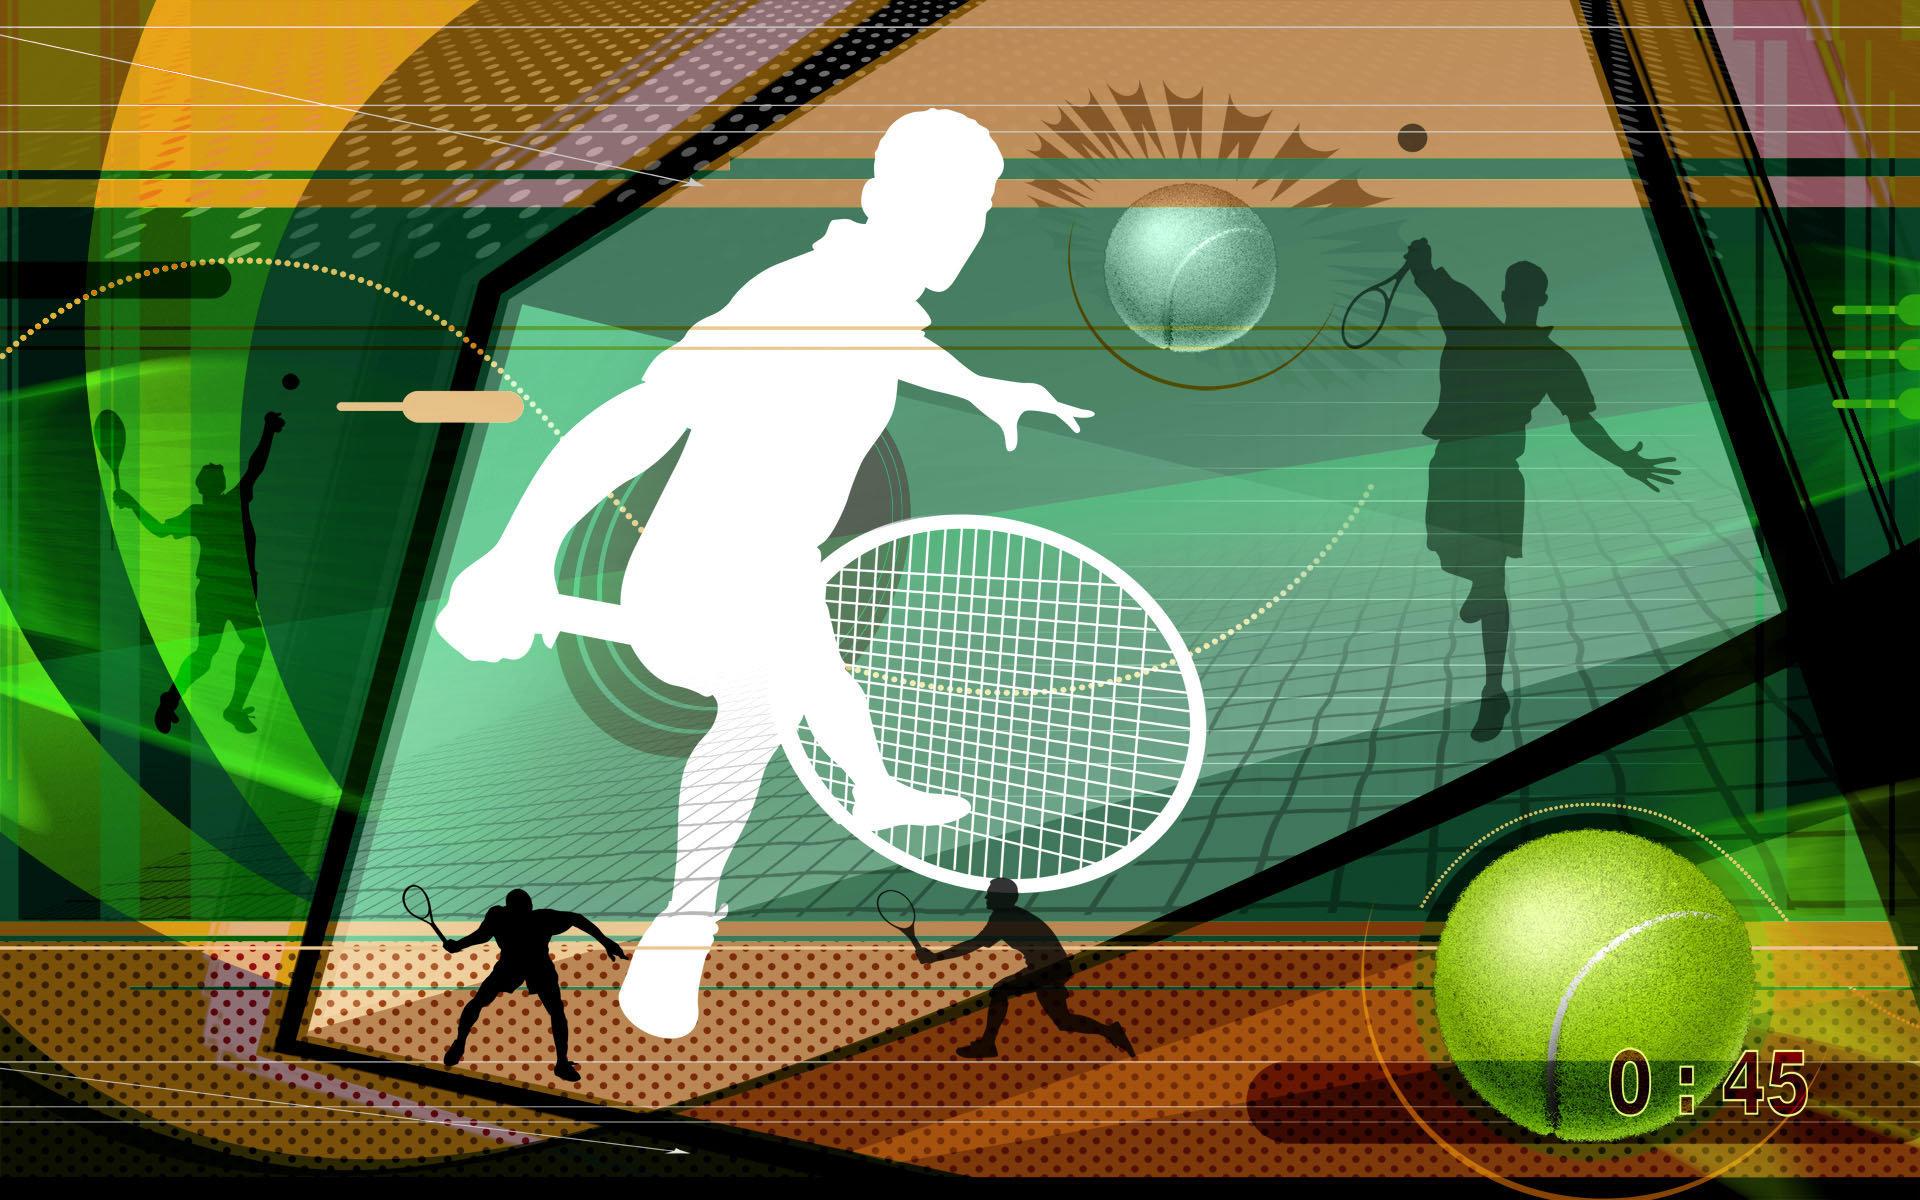 奥运体育项目抽象主题桌面壁纸大全